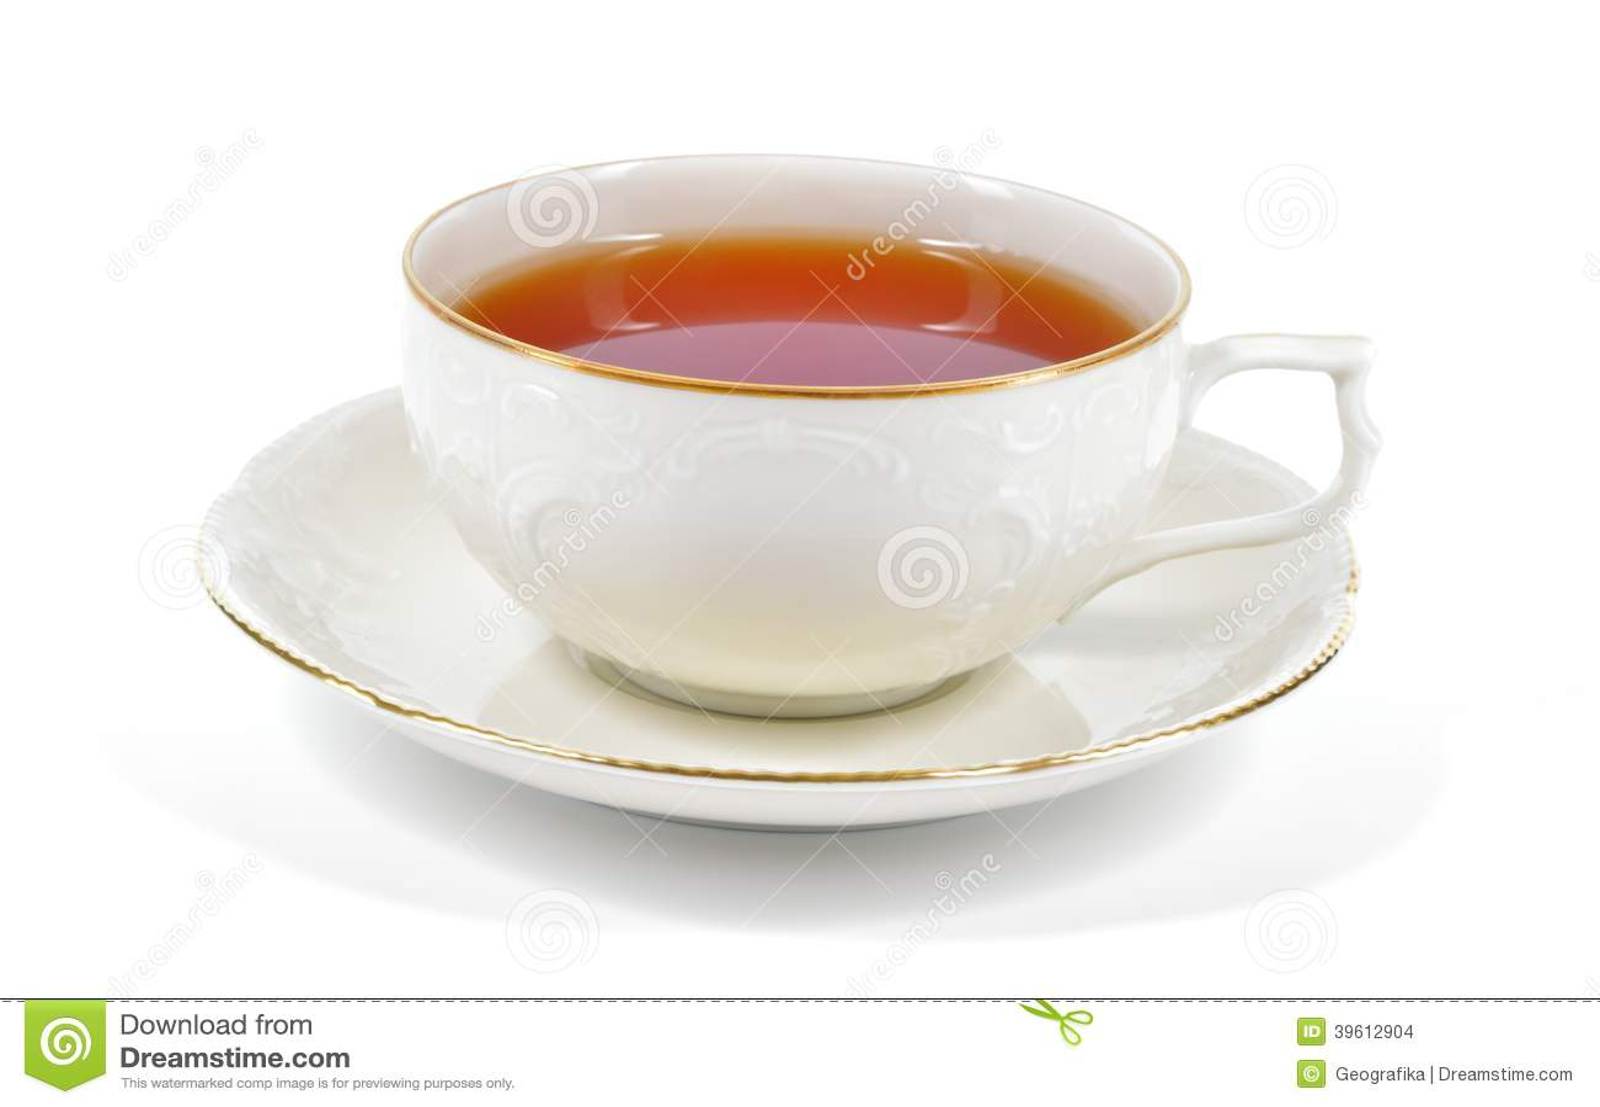 чай в чашке. картинки